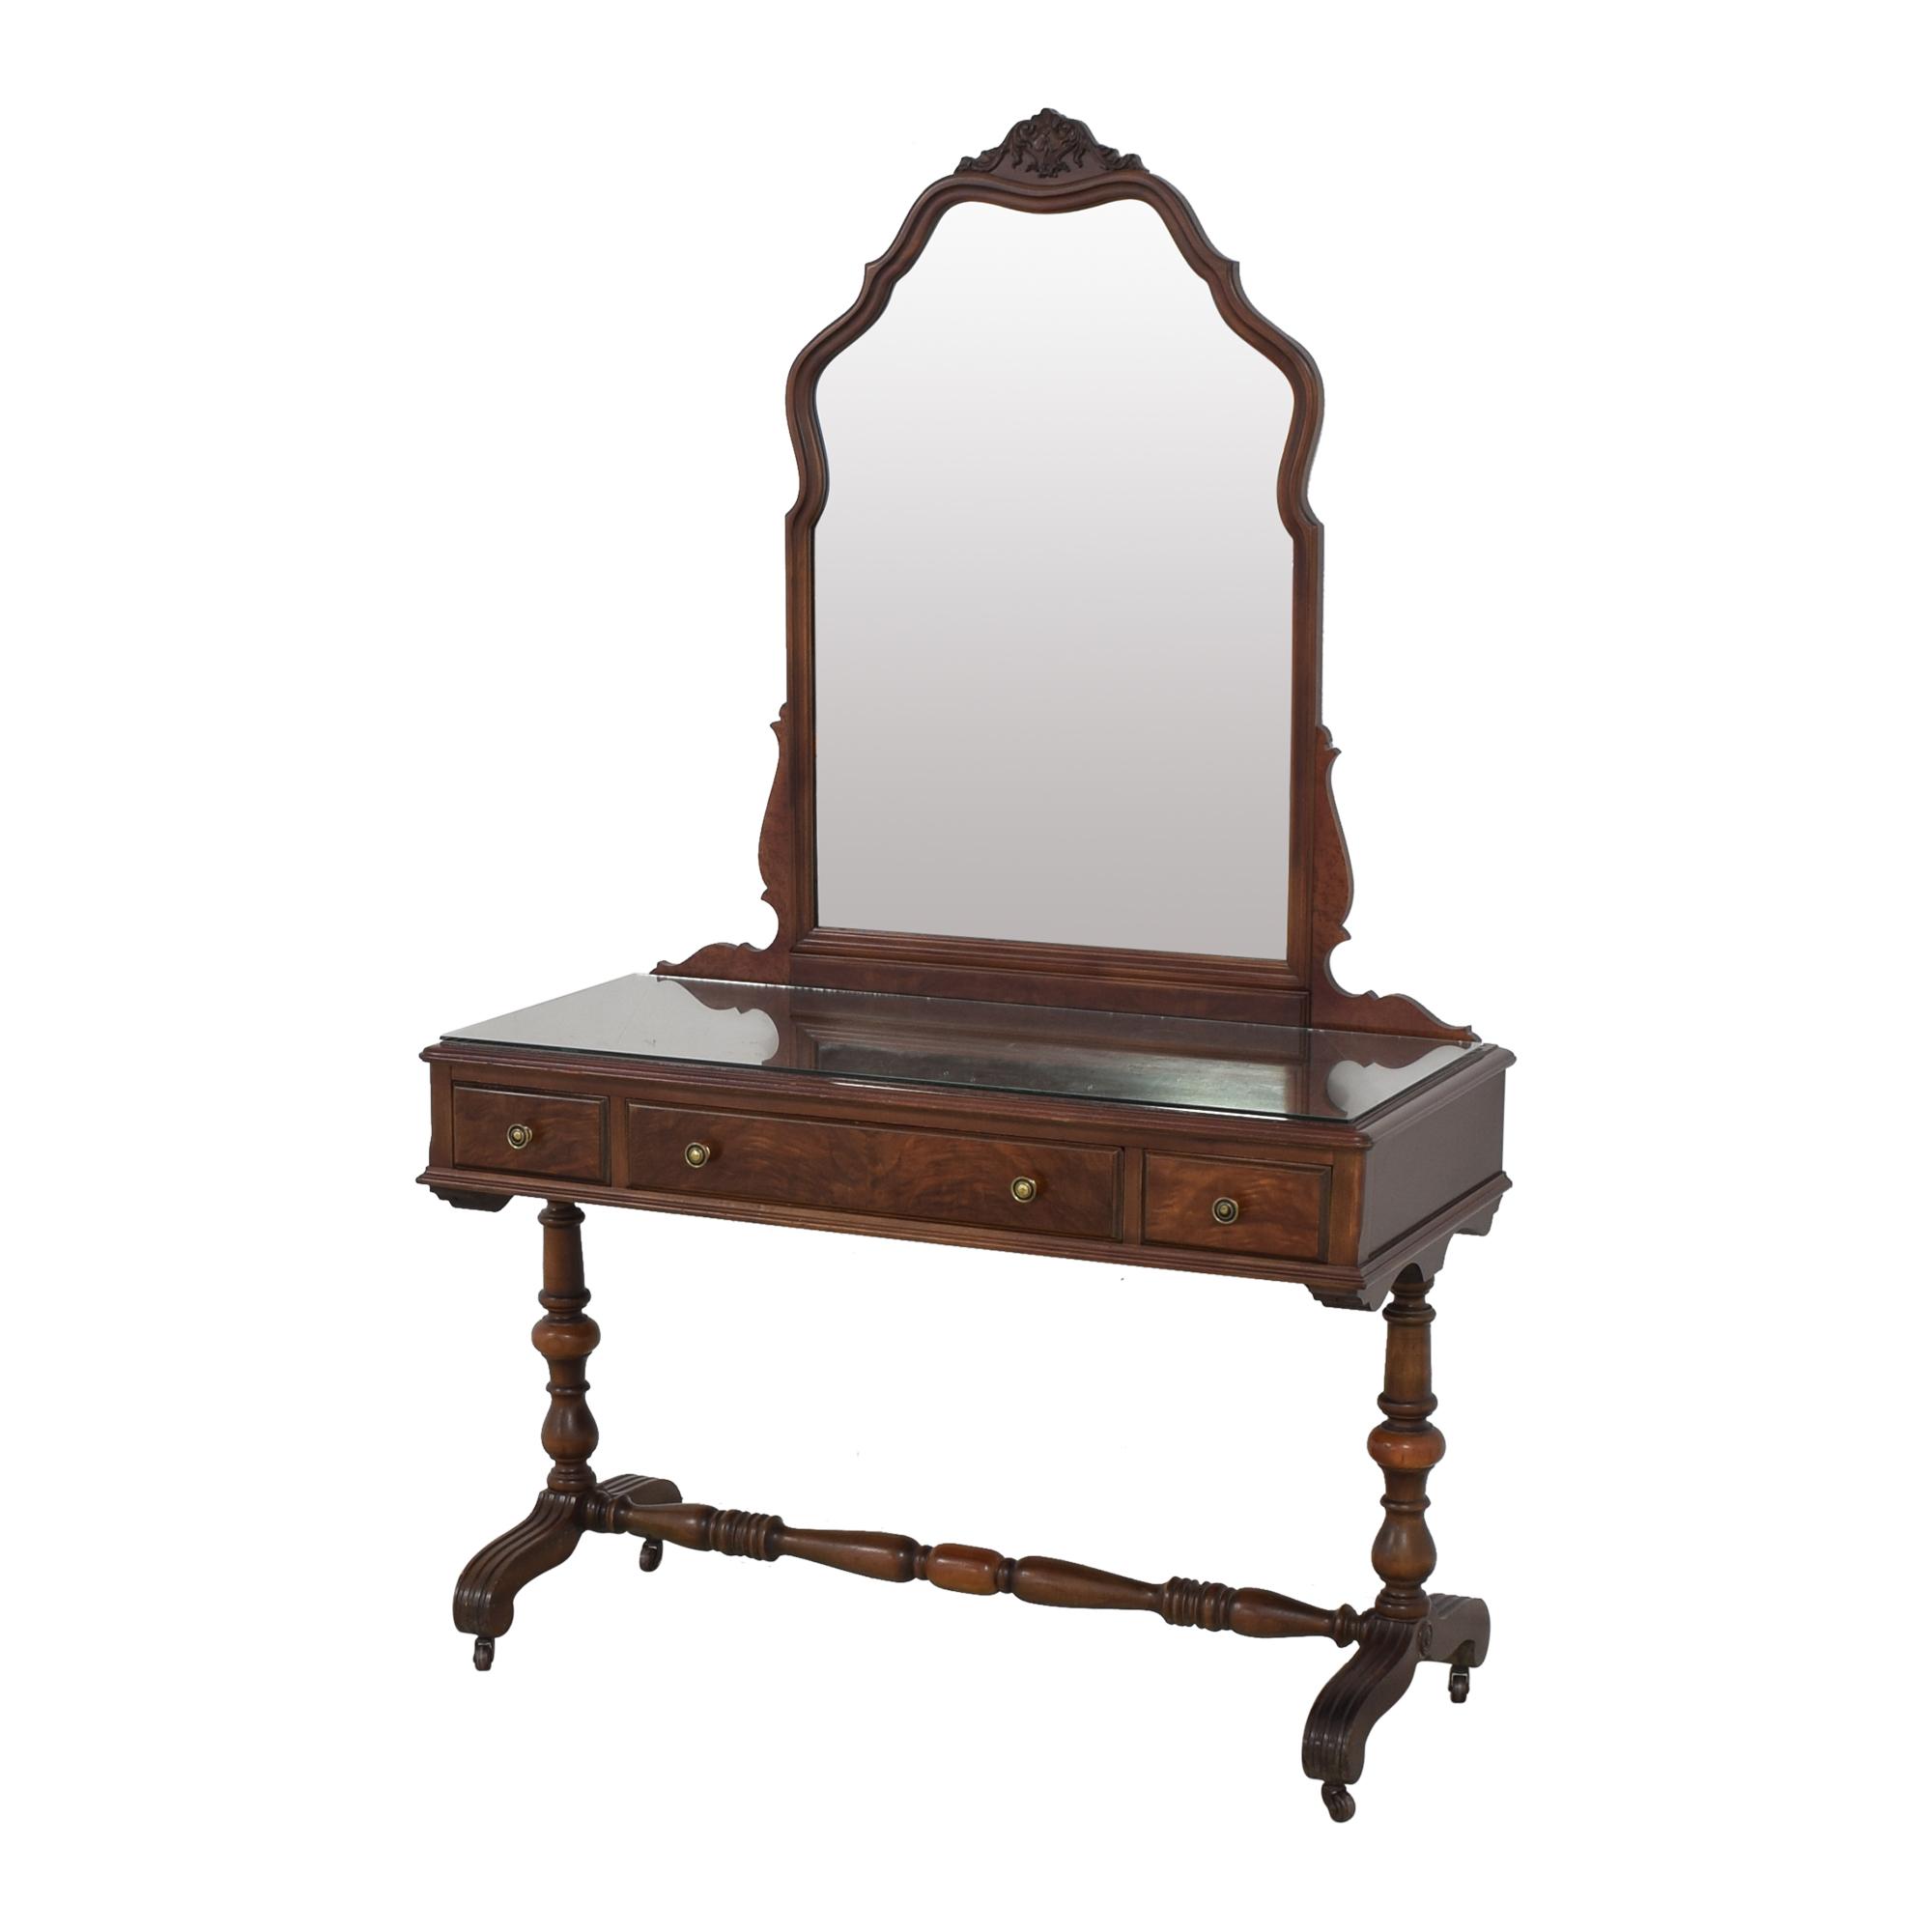 Rishel Company Rishel Company Vanity with Removable Mirror ct